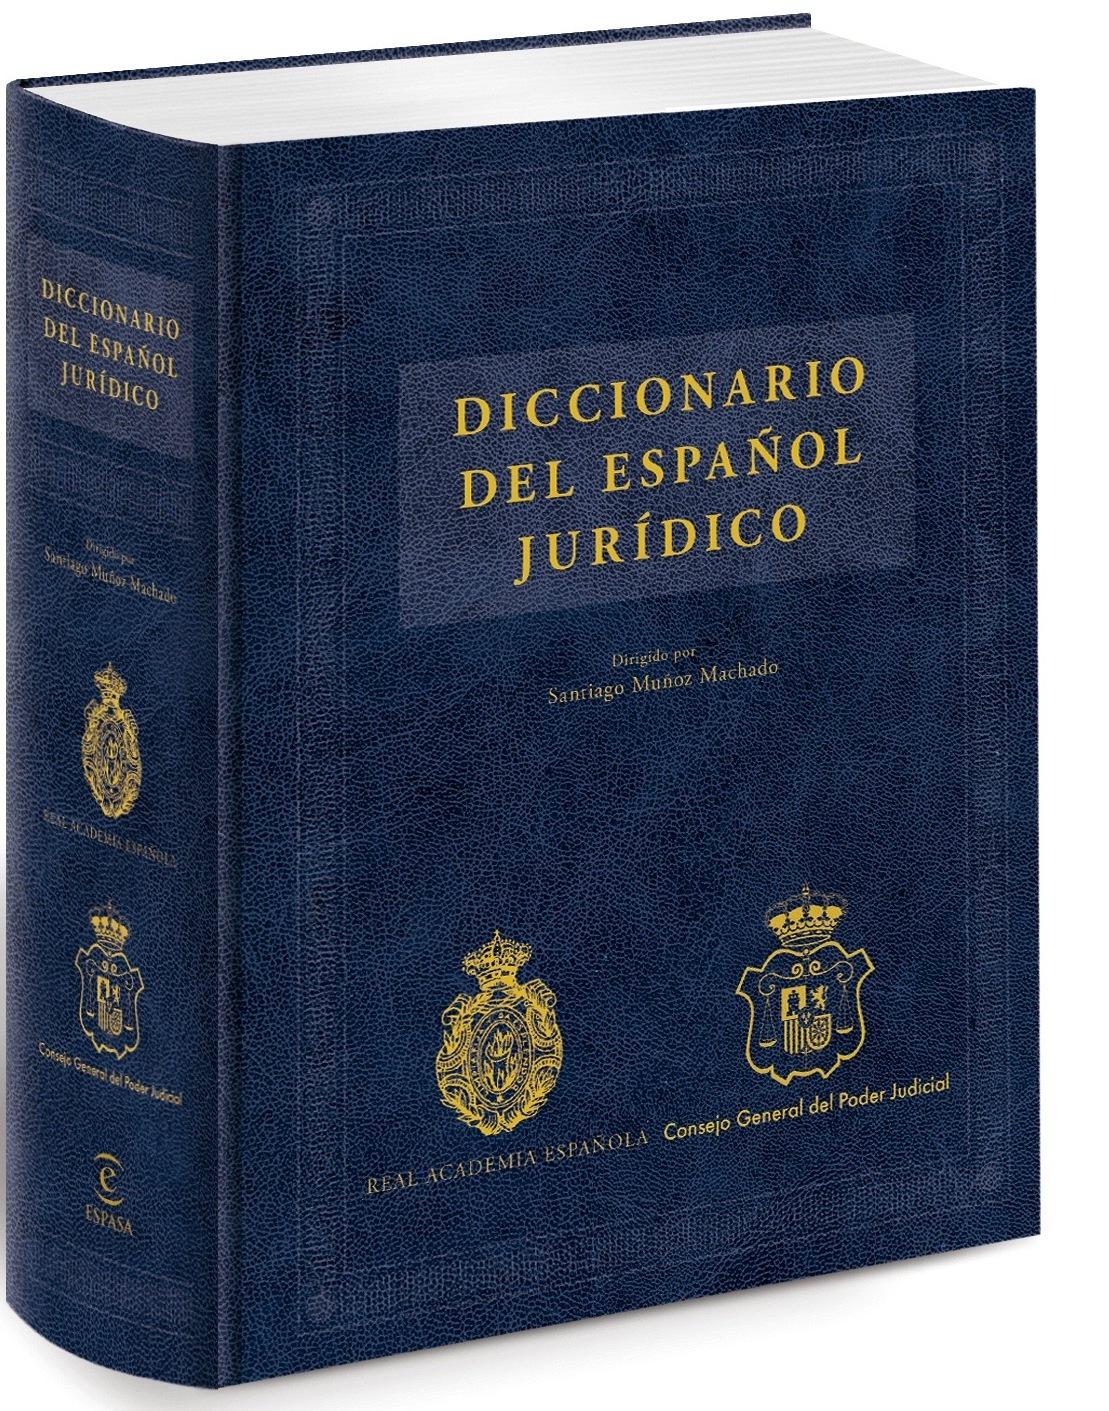 Diccionario del español jurídico | Real Academia Española